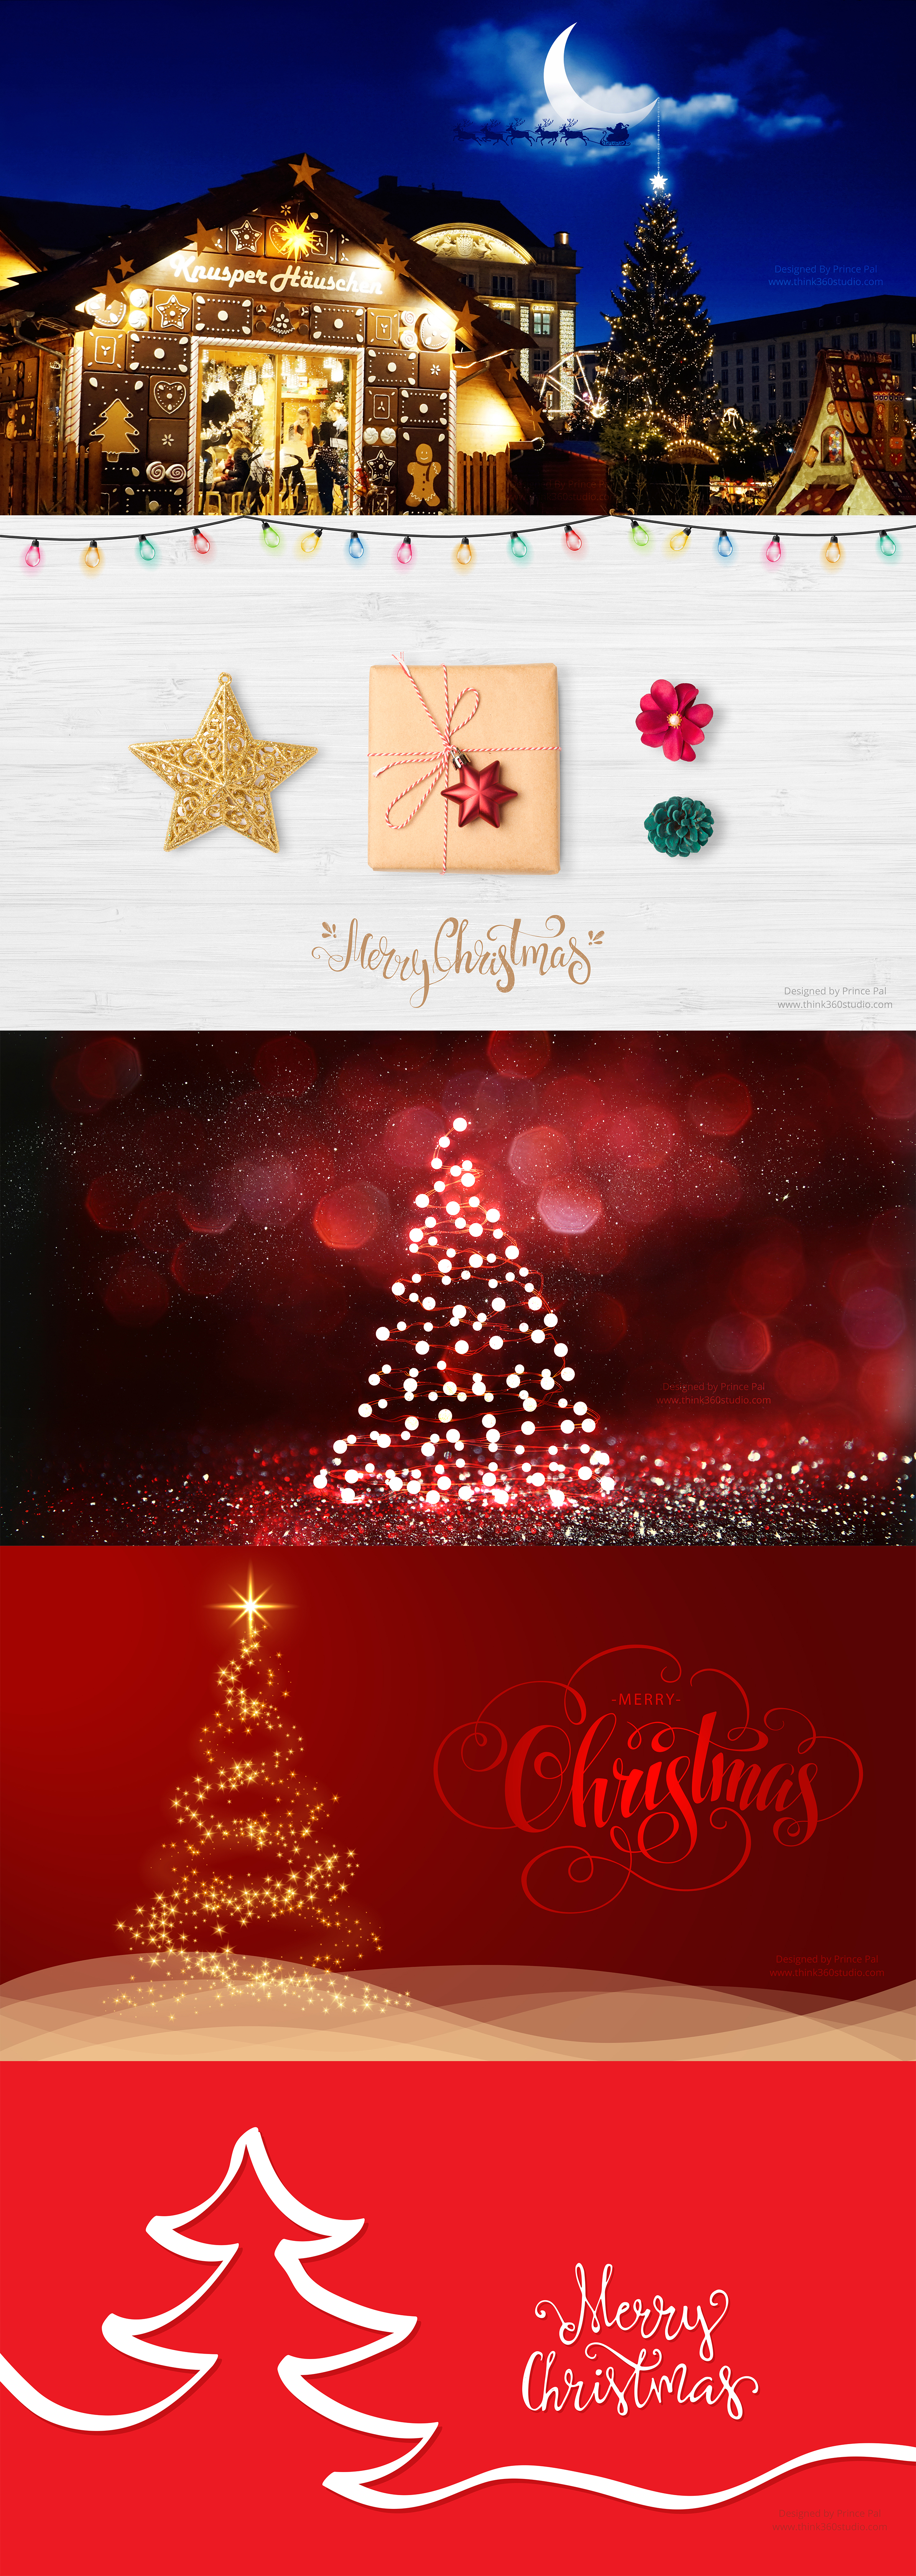 5 Christmas Wallpapers 2017